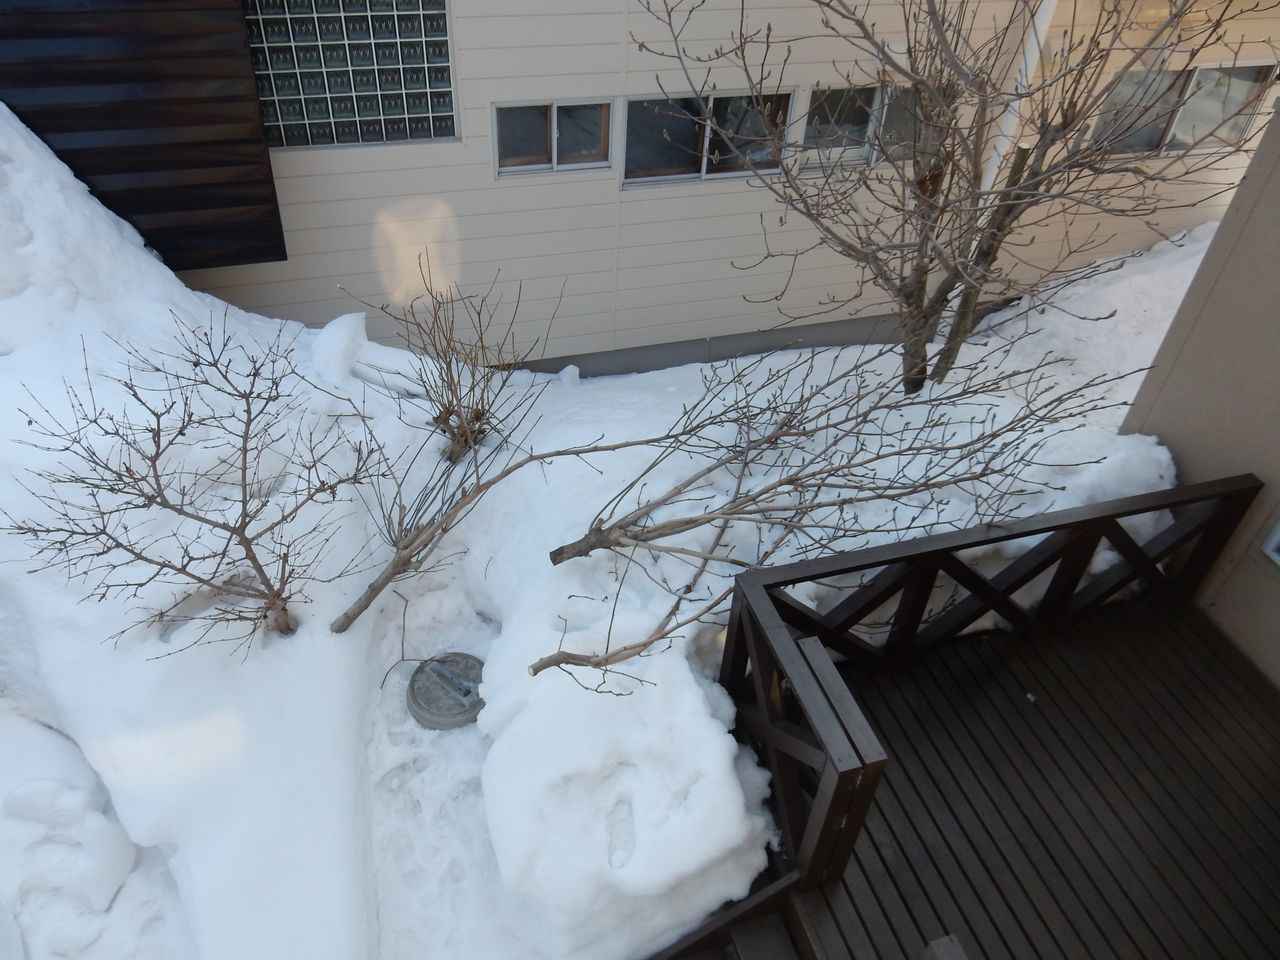 雪の深いうちにモクレンの太い枝を剪定する_c0025115_21554768.jpg